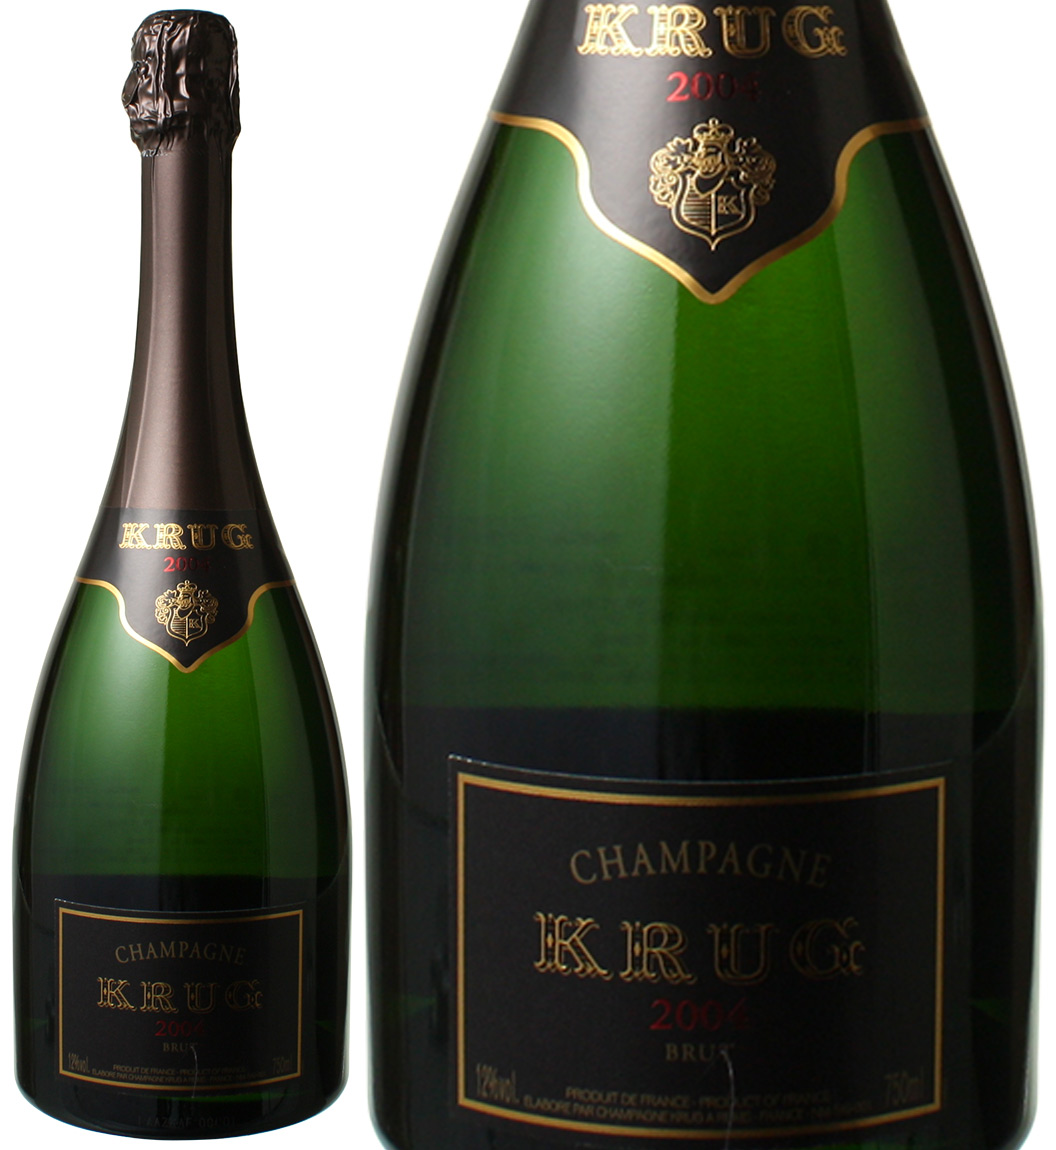 クリュッグ ヴィンテージ [2004] <白> <ワイン/シャンパン>